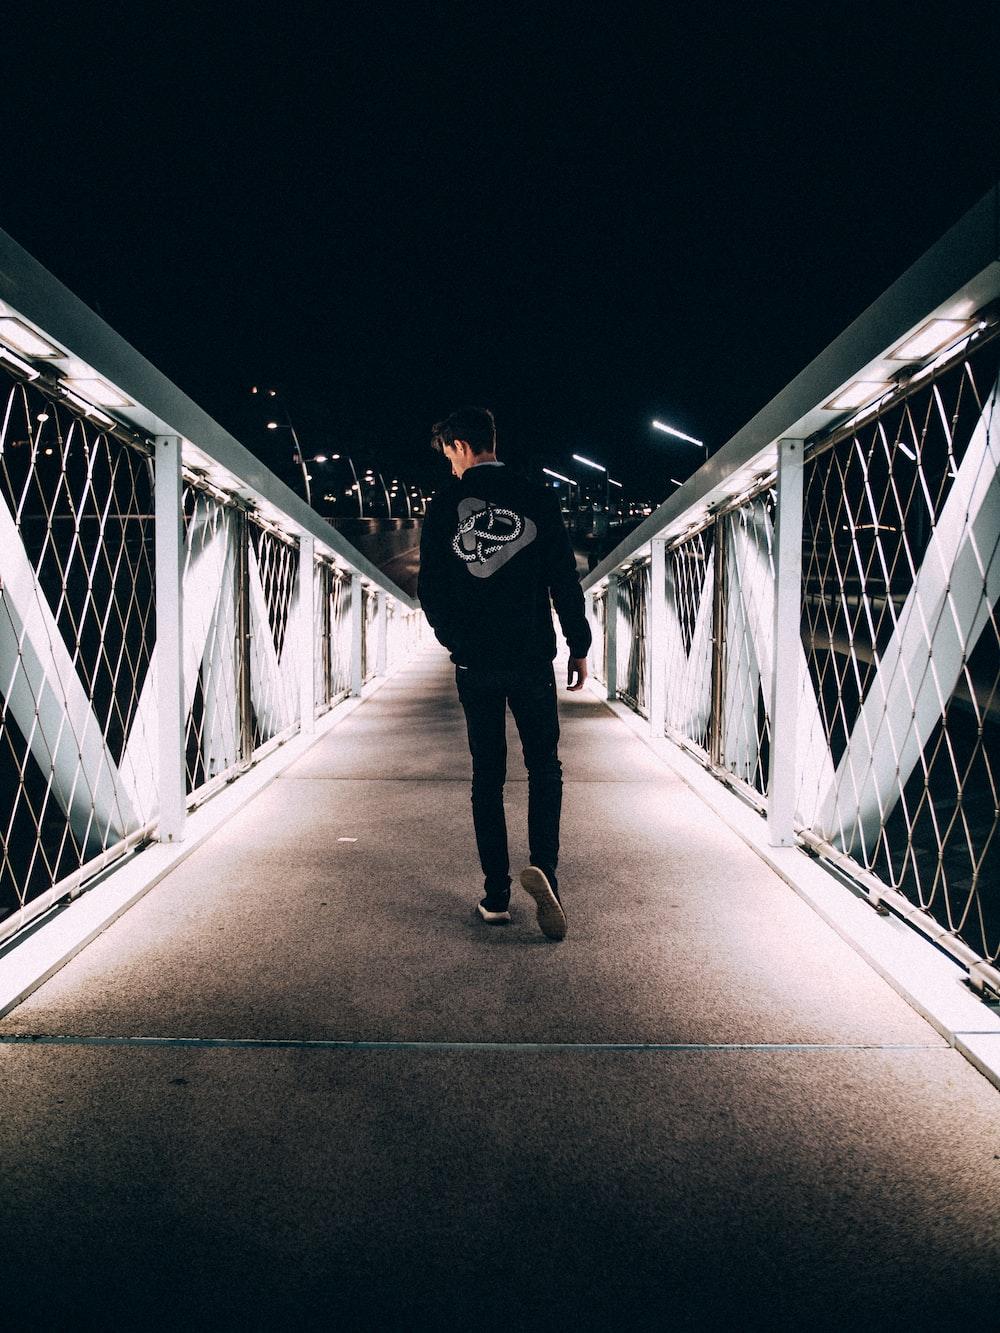 man walking on concrete bridge during nighttime